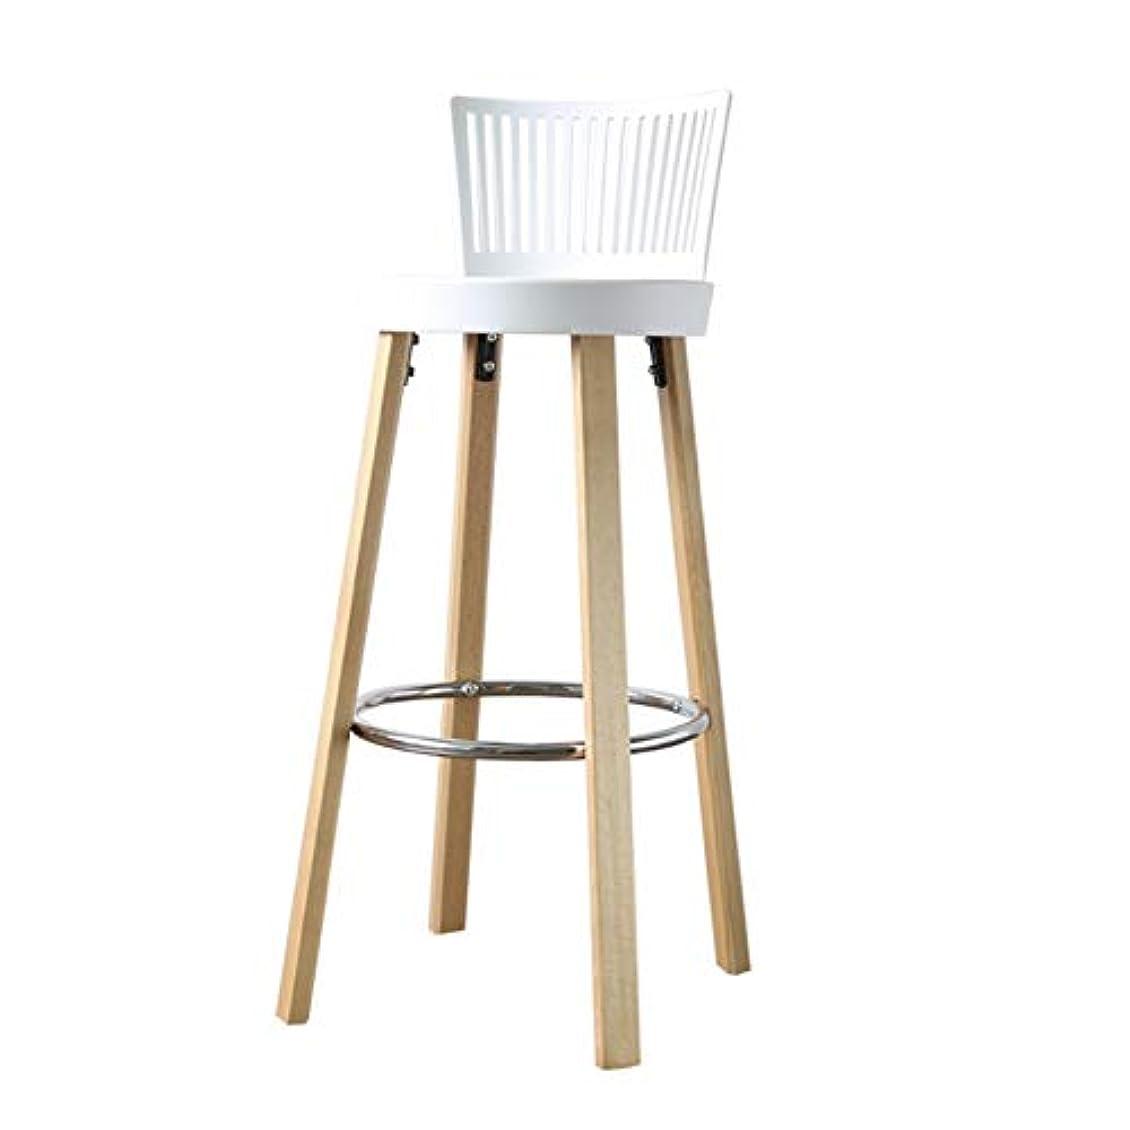 ぶどう匿名構成LIQICAI カウンターチェアバースツール ダイニングスツール PPの座席そしてあと振れ止めを使って、 キッチンダイニングバーチェア 木製の足 カウンターハイトスツール、 3色 (Color : White, Size...